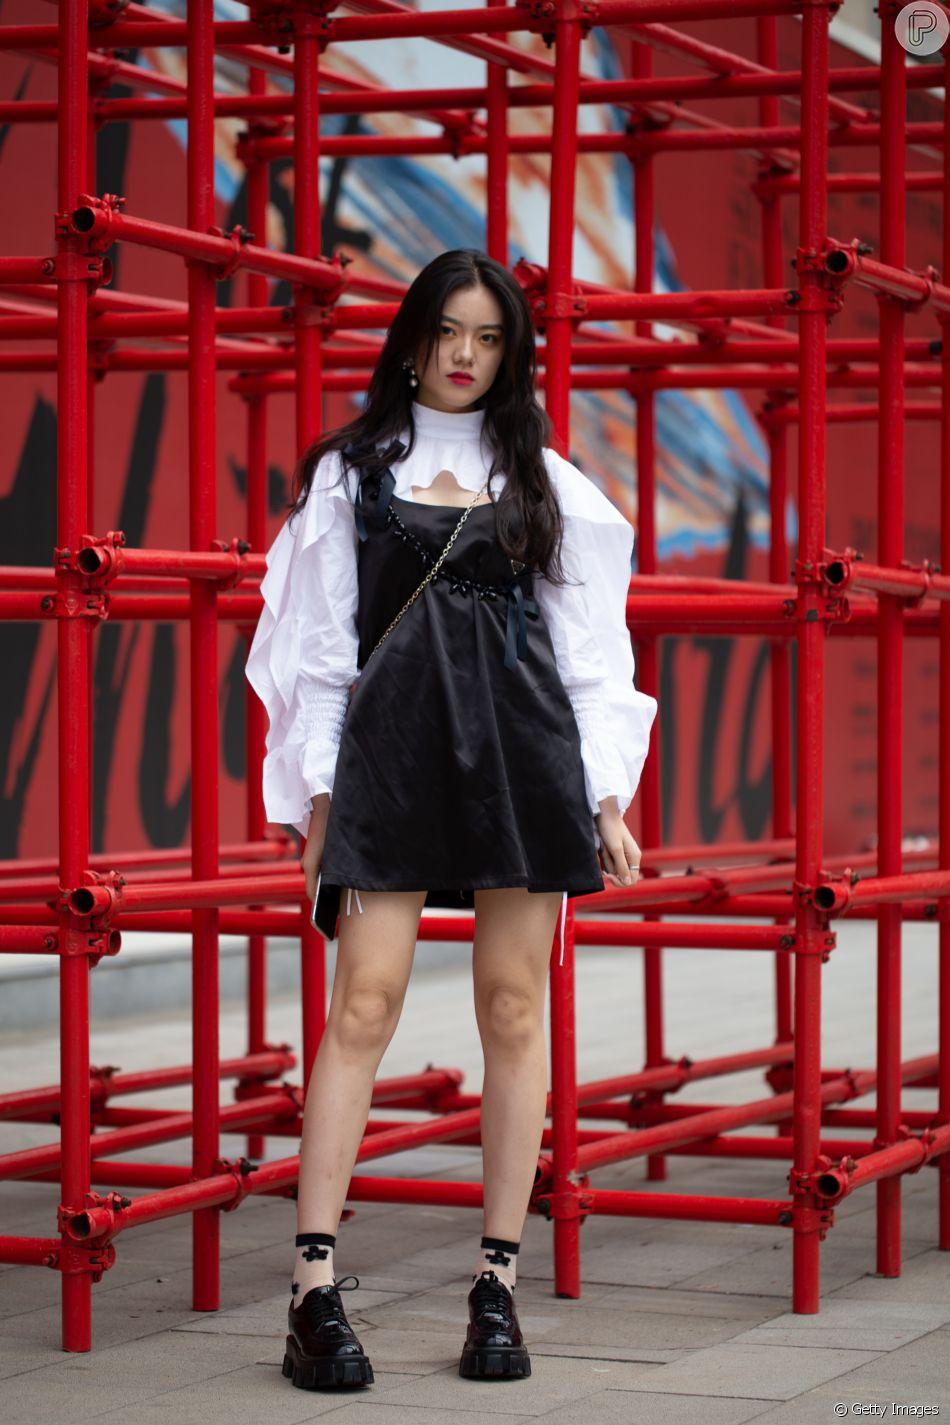 Vestido com camisa branca: com manga bufante e babados, o modelo clássico do guarda-roupa ganha novos ares e deixa o look mais fashion